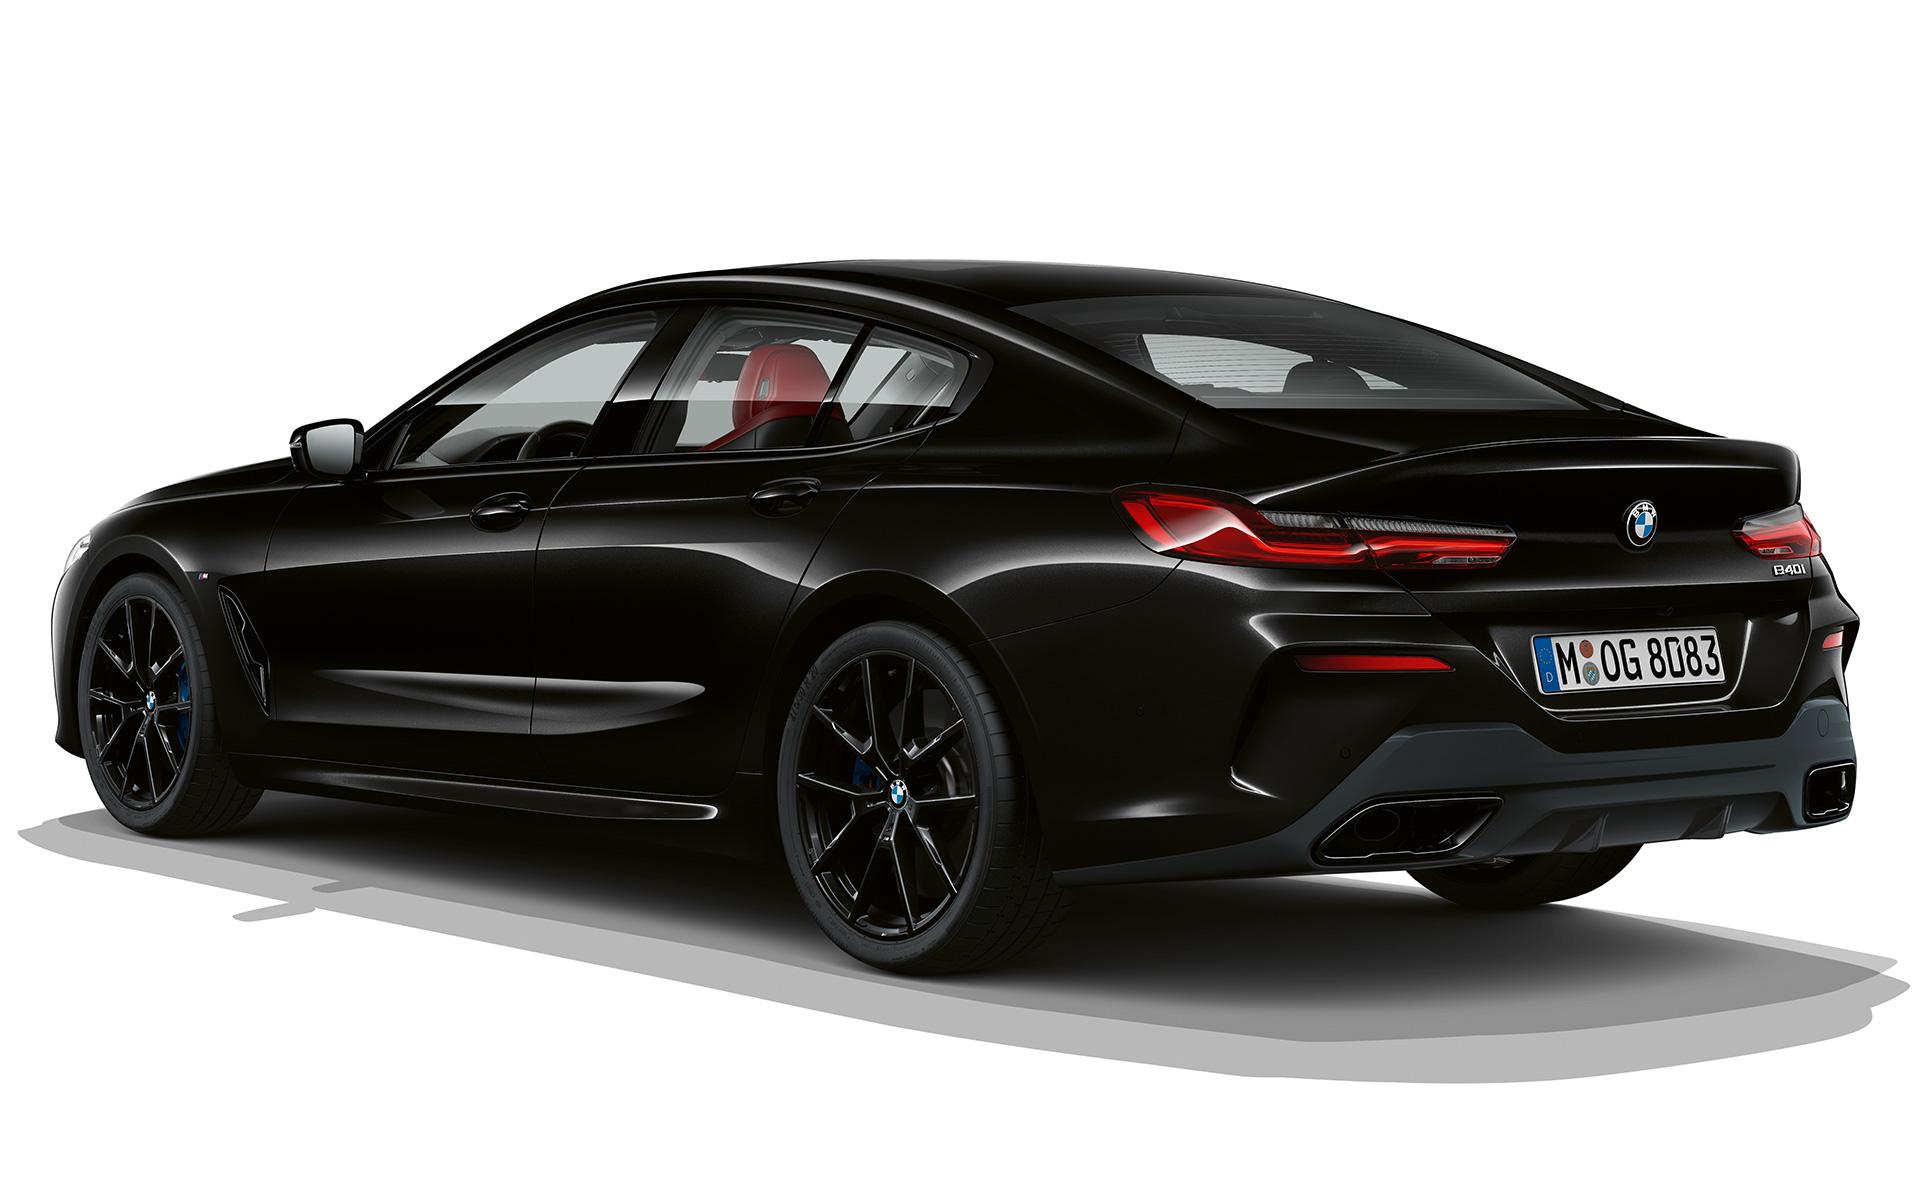 The BMW 8 Gran Coupé